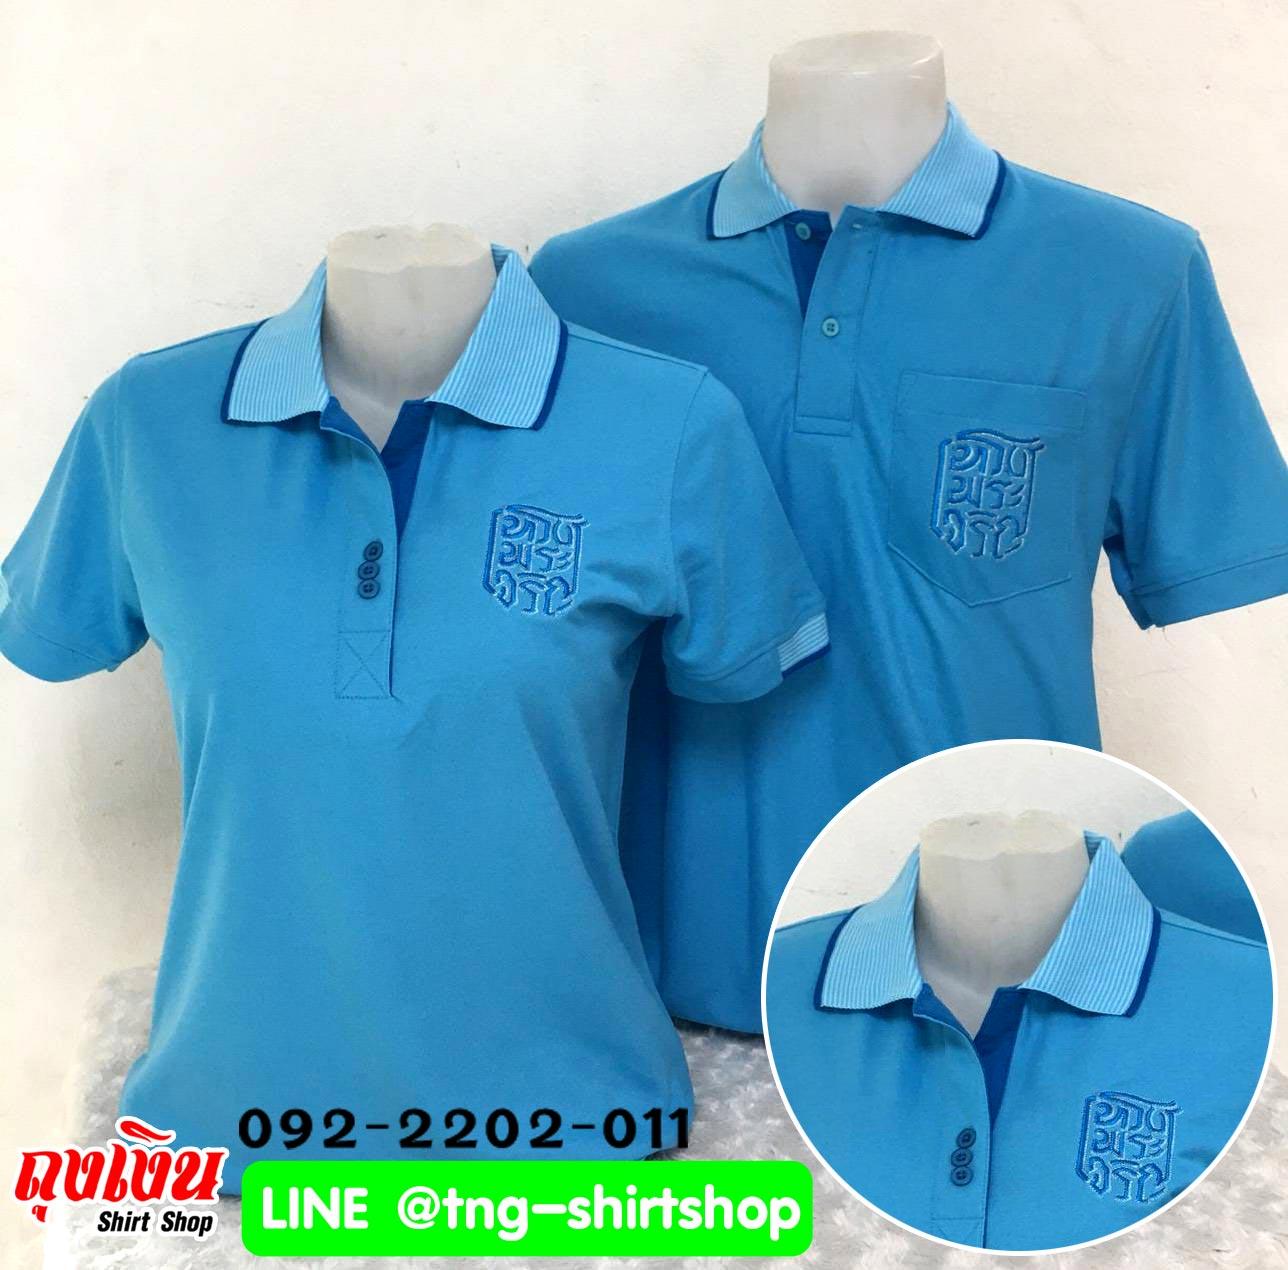 เสื้อโปโลฟ้า ปกริ้ว รุ่นทรงพระเจริญ **เหลือ ชาย L, XL, XXL หญิง L, XL, XXL